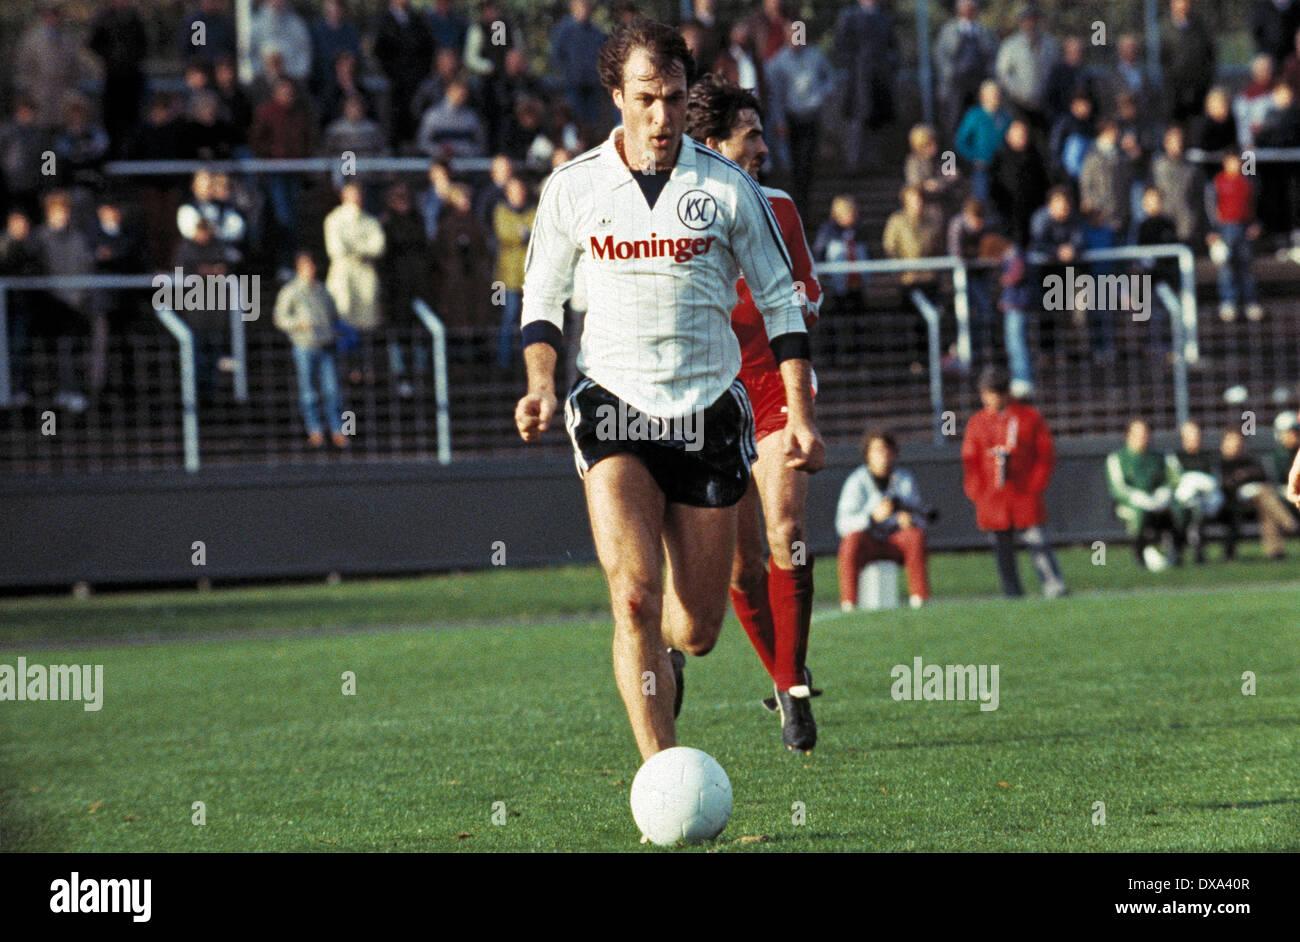 football, 2. Bundesliga, 1983/1984, Niederrhein Stadium, Rot Weiss Oberhausen versus Karlsruher SC 1:0, scene of the match, Gerhard Kleppinger (KSC) in ball possession - Stock Image